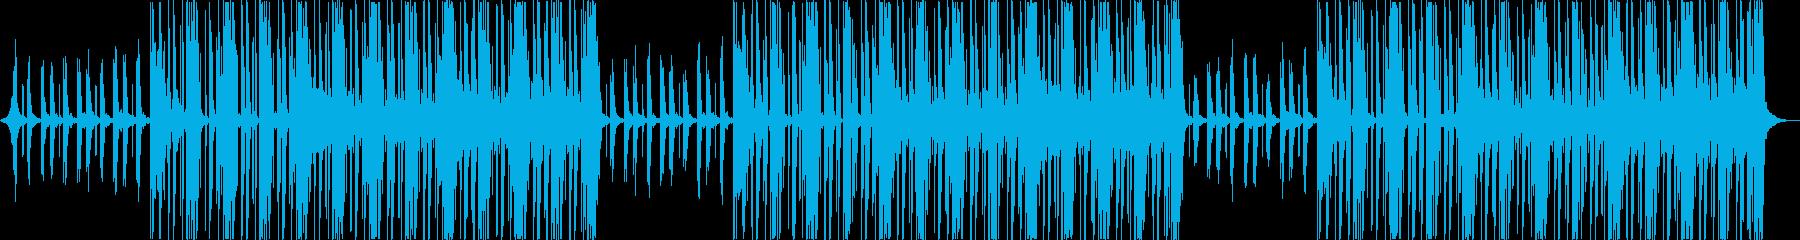 おしゃれ洋楽ヒップホップR&Bソウルhの再生済みの波形